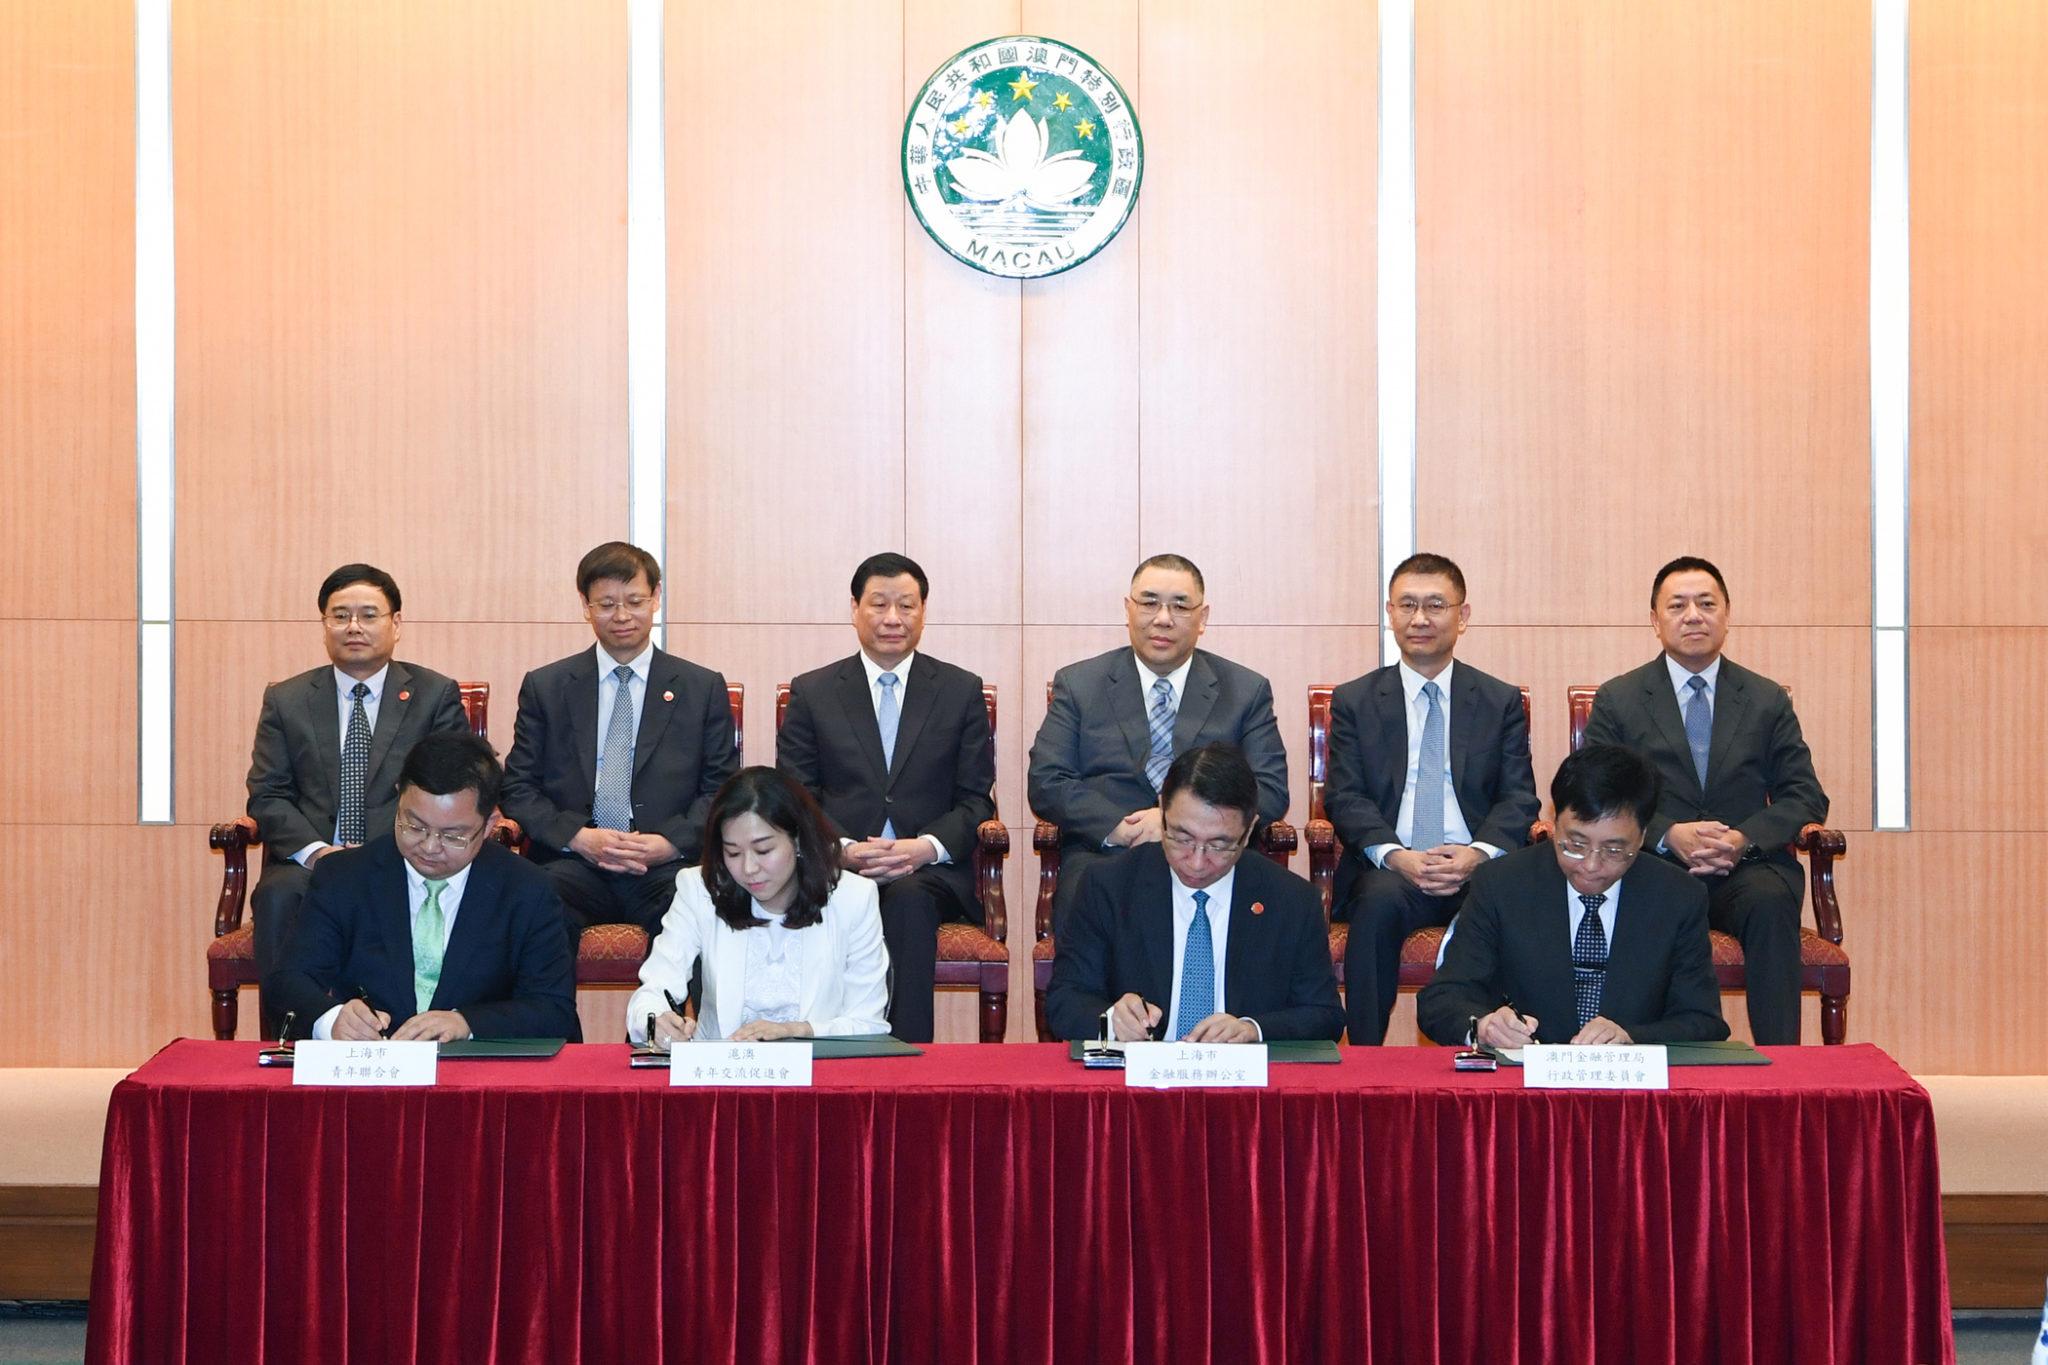 Macau e Xangai assinam memorandos de cooperação